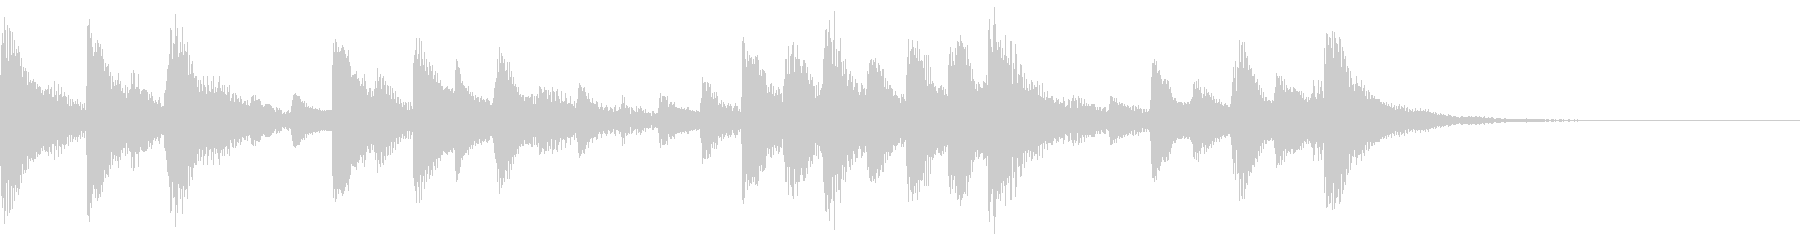 ハープによる優しいジングルの未再生の波形